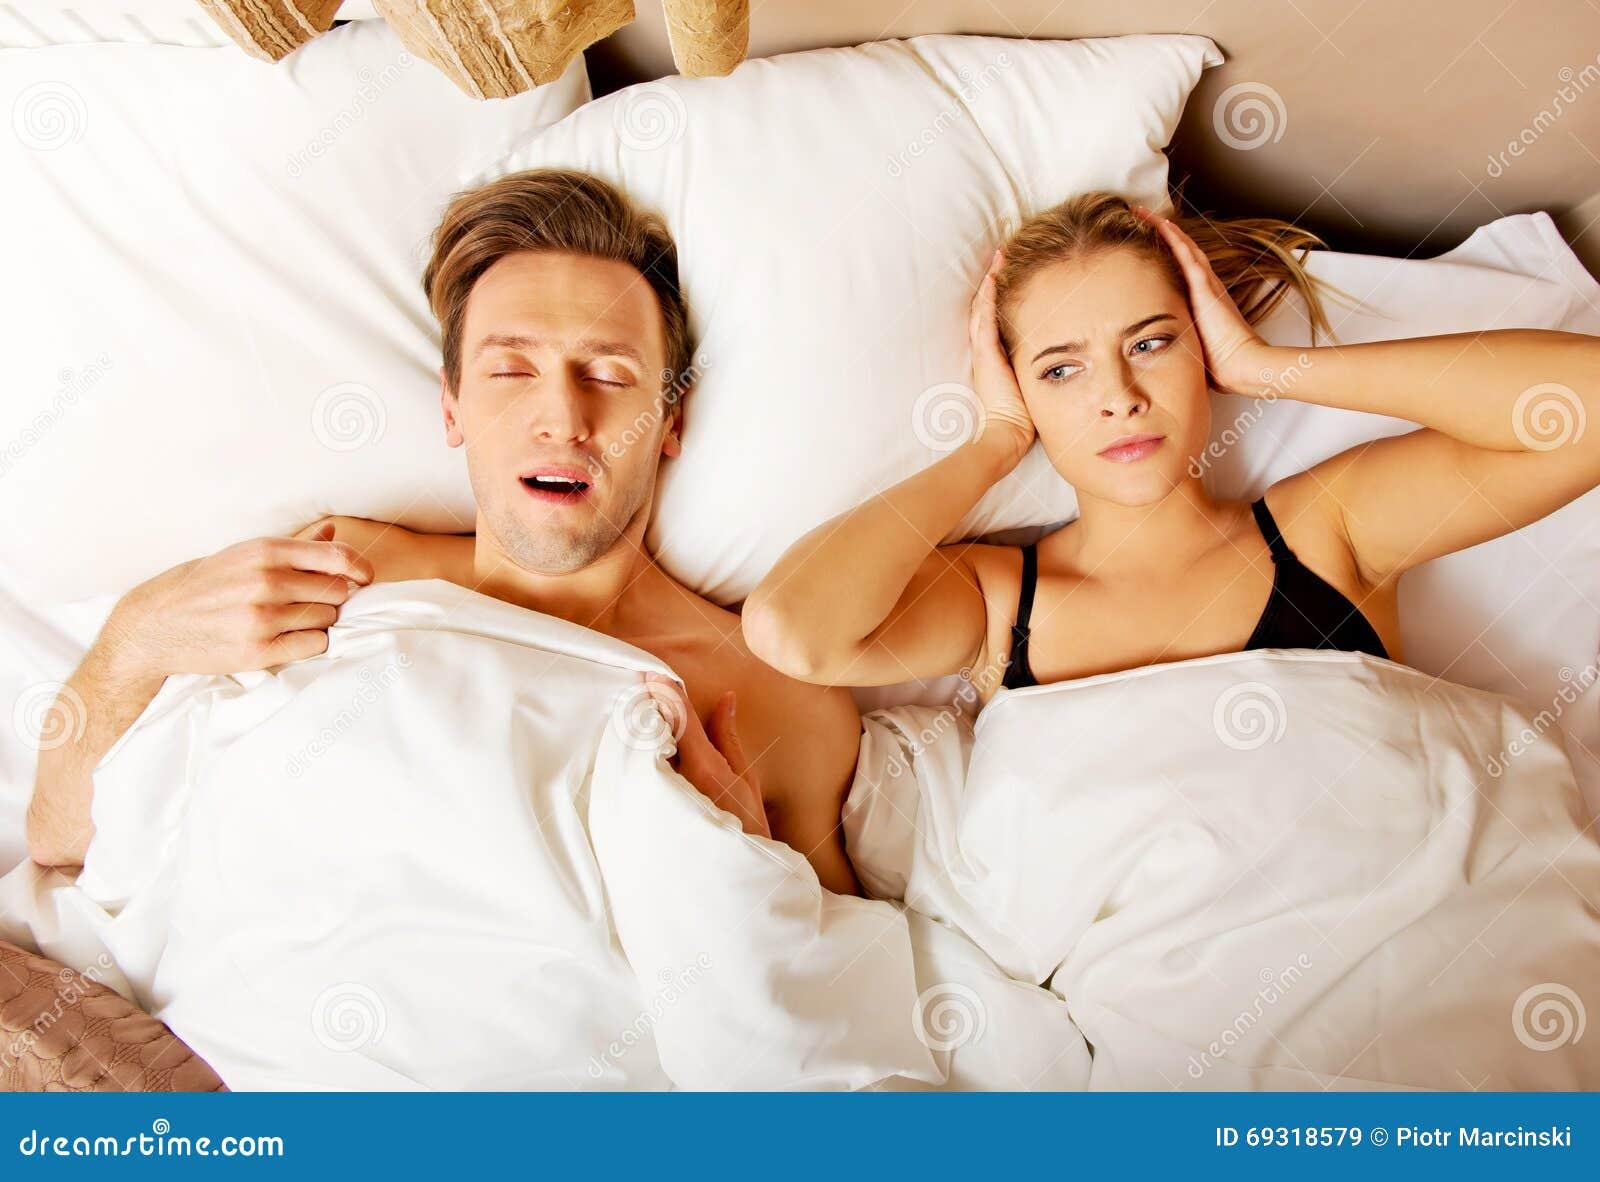 men women nude on bed